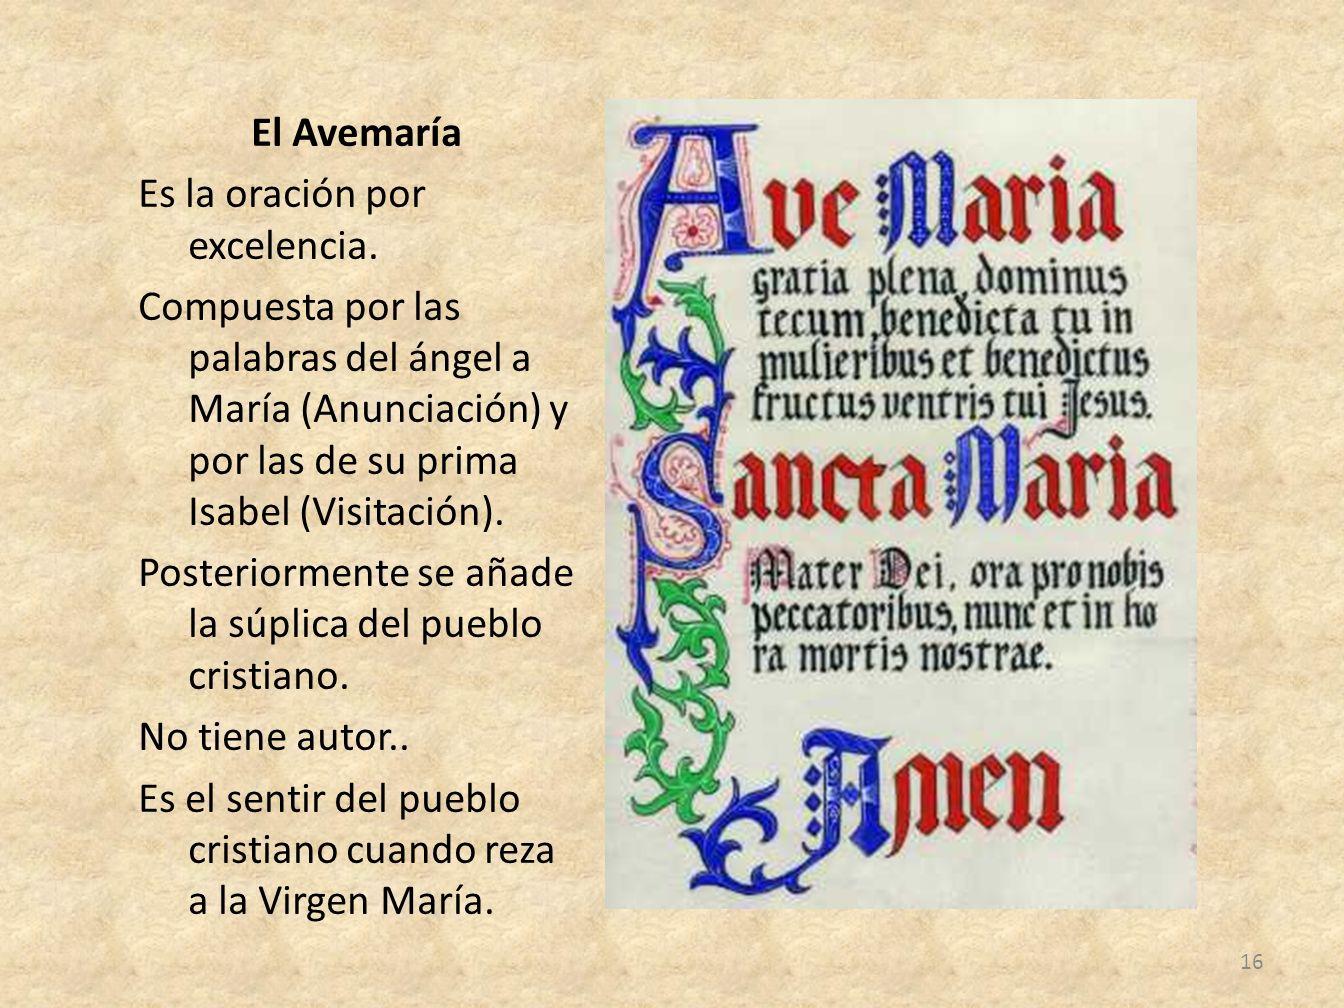 El Avemaría Es la oración por excelencia. Compuesta por las palabras del ángel a María (Anunciación) y por las de su prima Isabel (Visitación). Poster